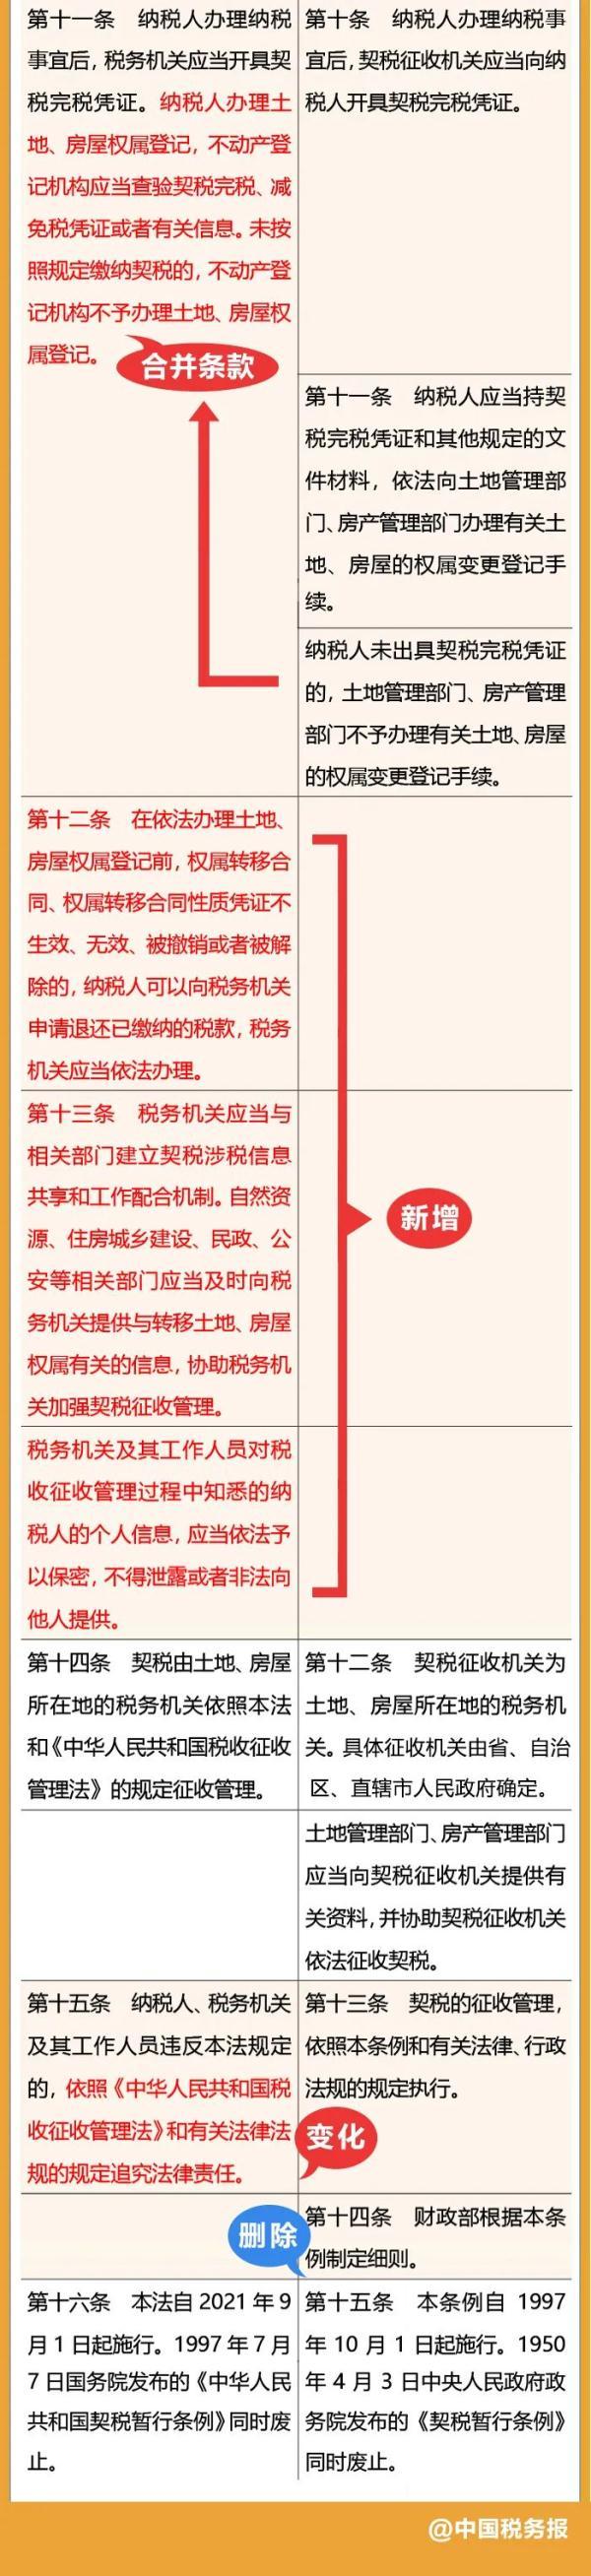 中华人民共和国契税法与中华人民共和国契税暂行条例对比